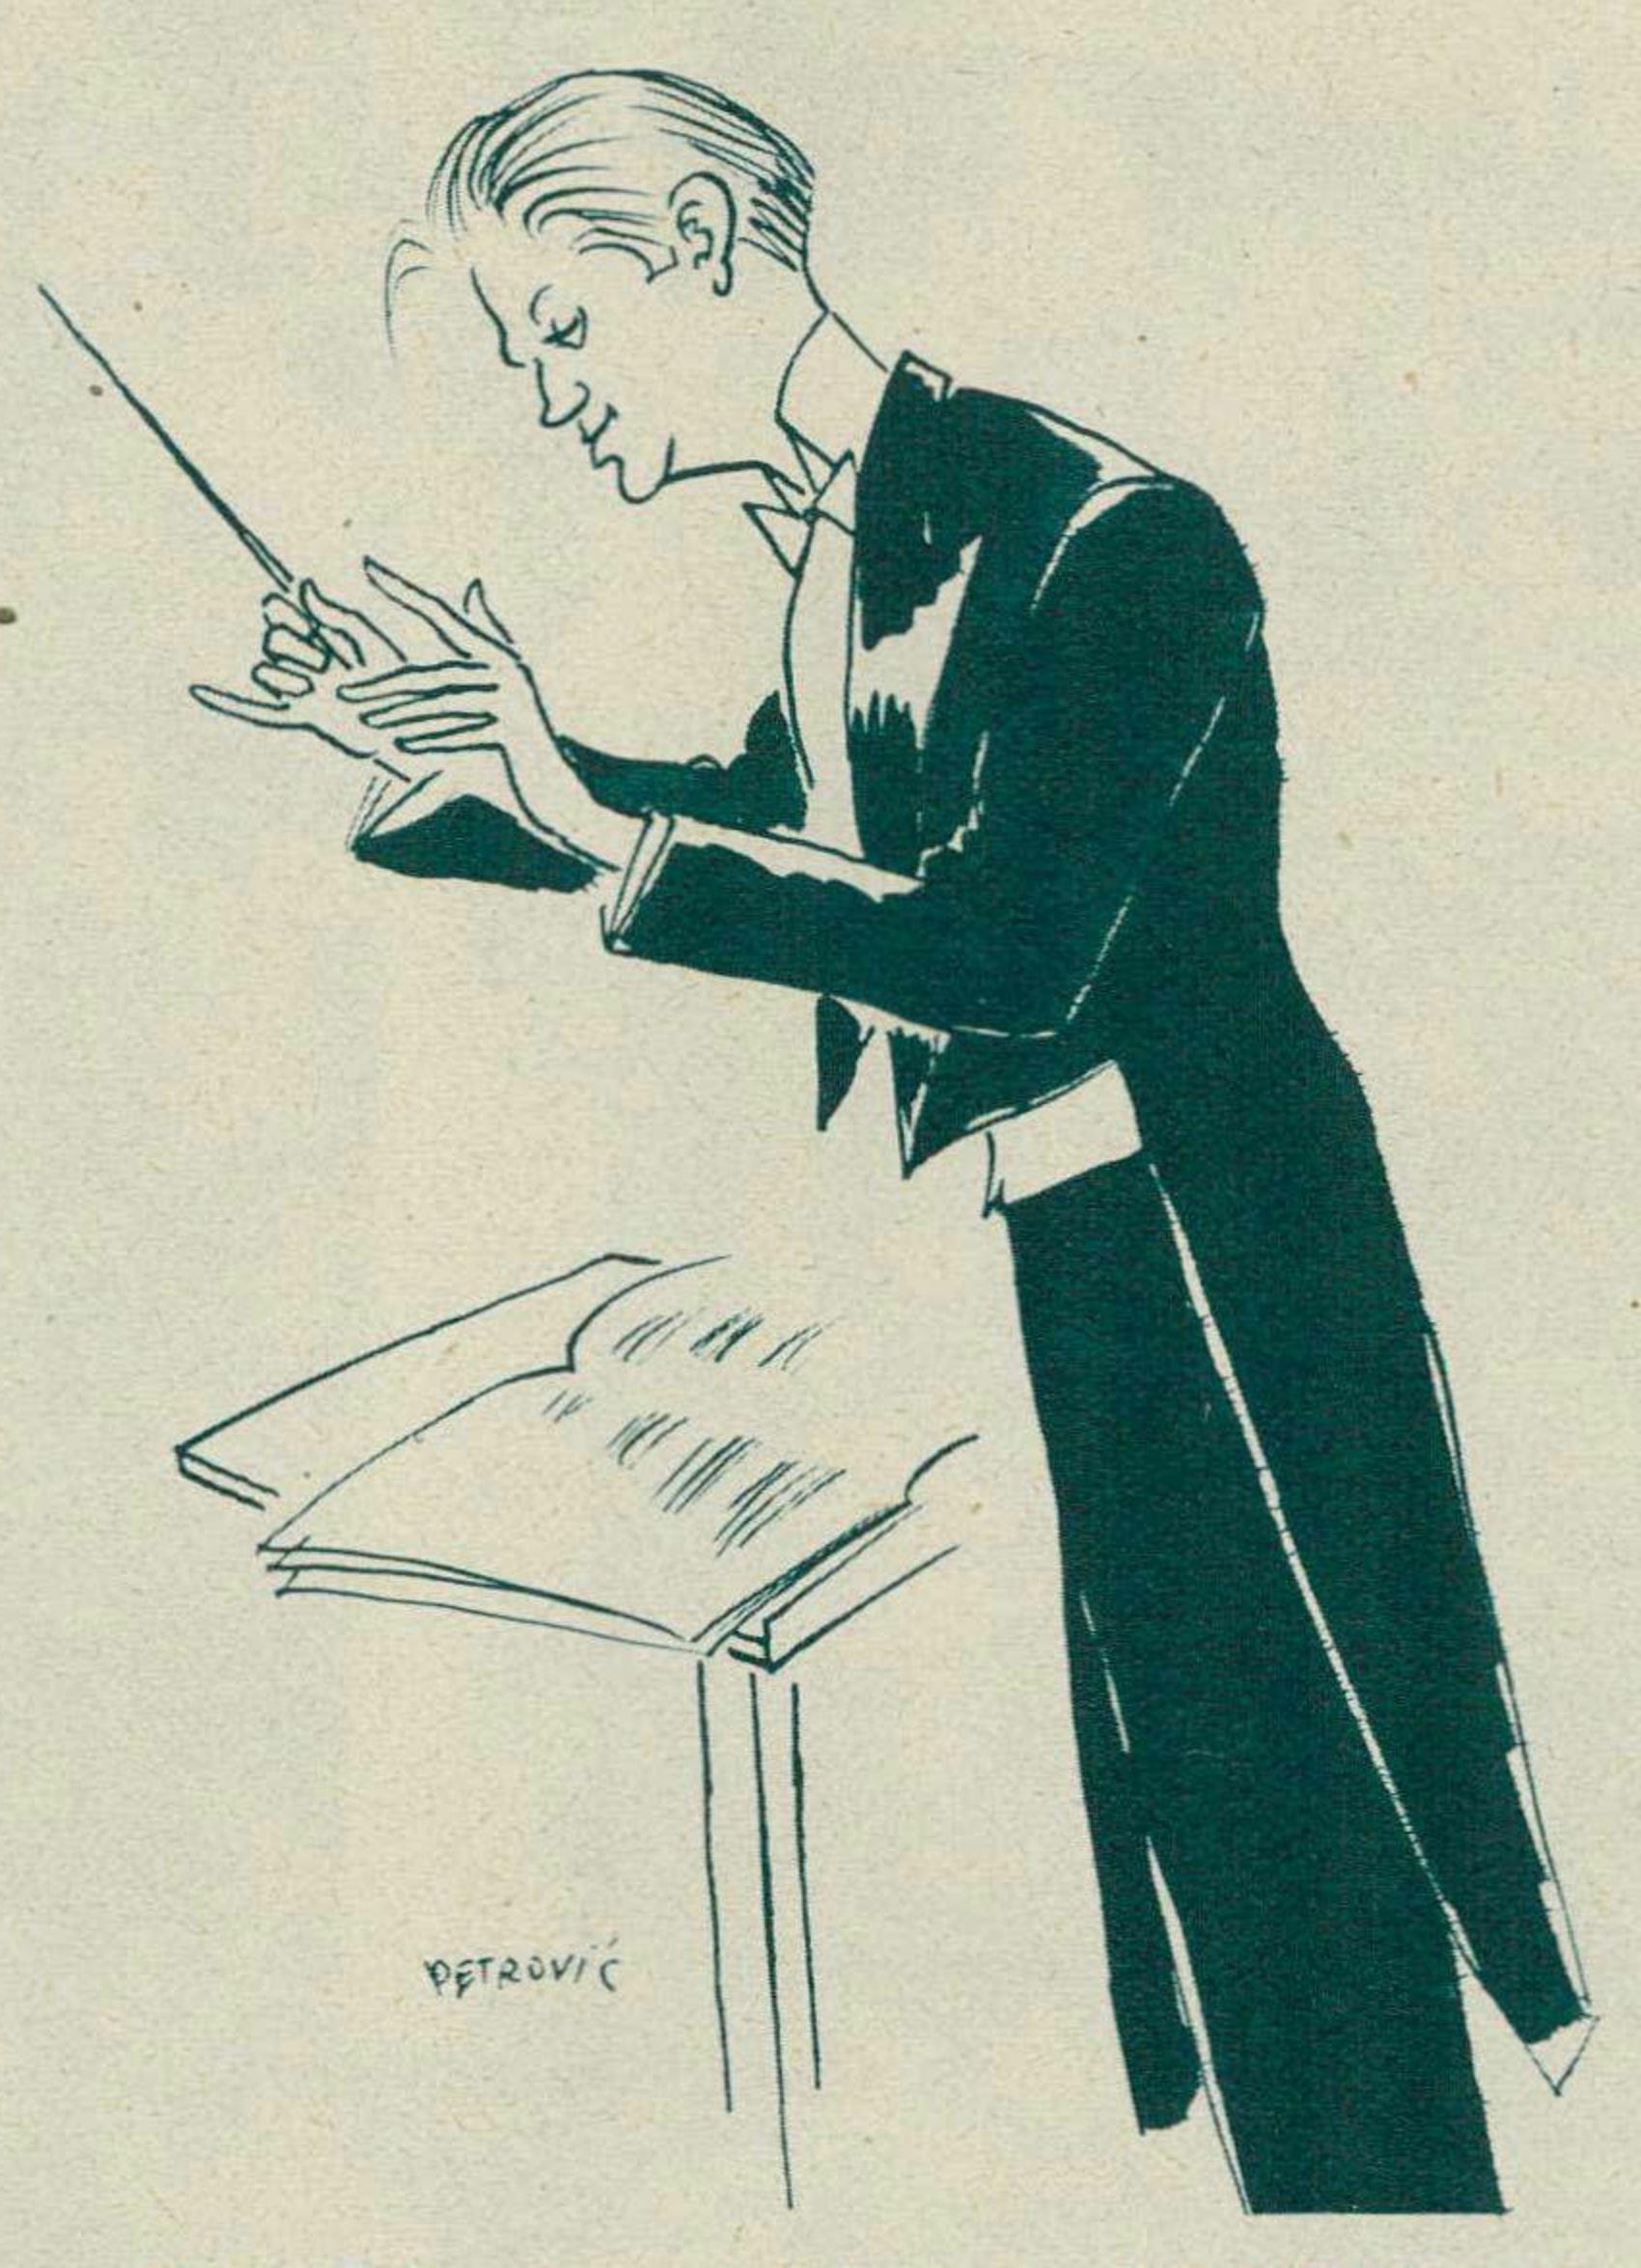 Robert DENZLER croqué par PETROVIC, 1935, un dessin paru - entre autres - dans la revue Le Radio du 8 novembre 1935 en page 2114, cliquer pour une vue agrandie